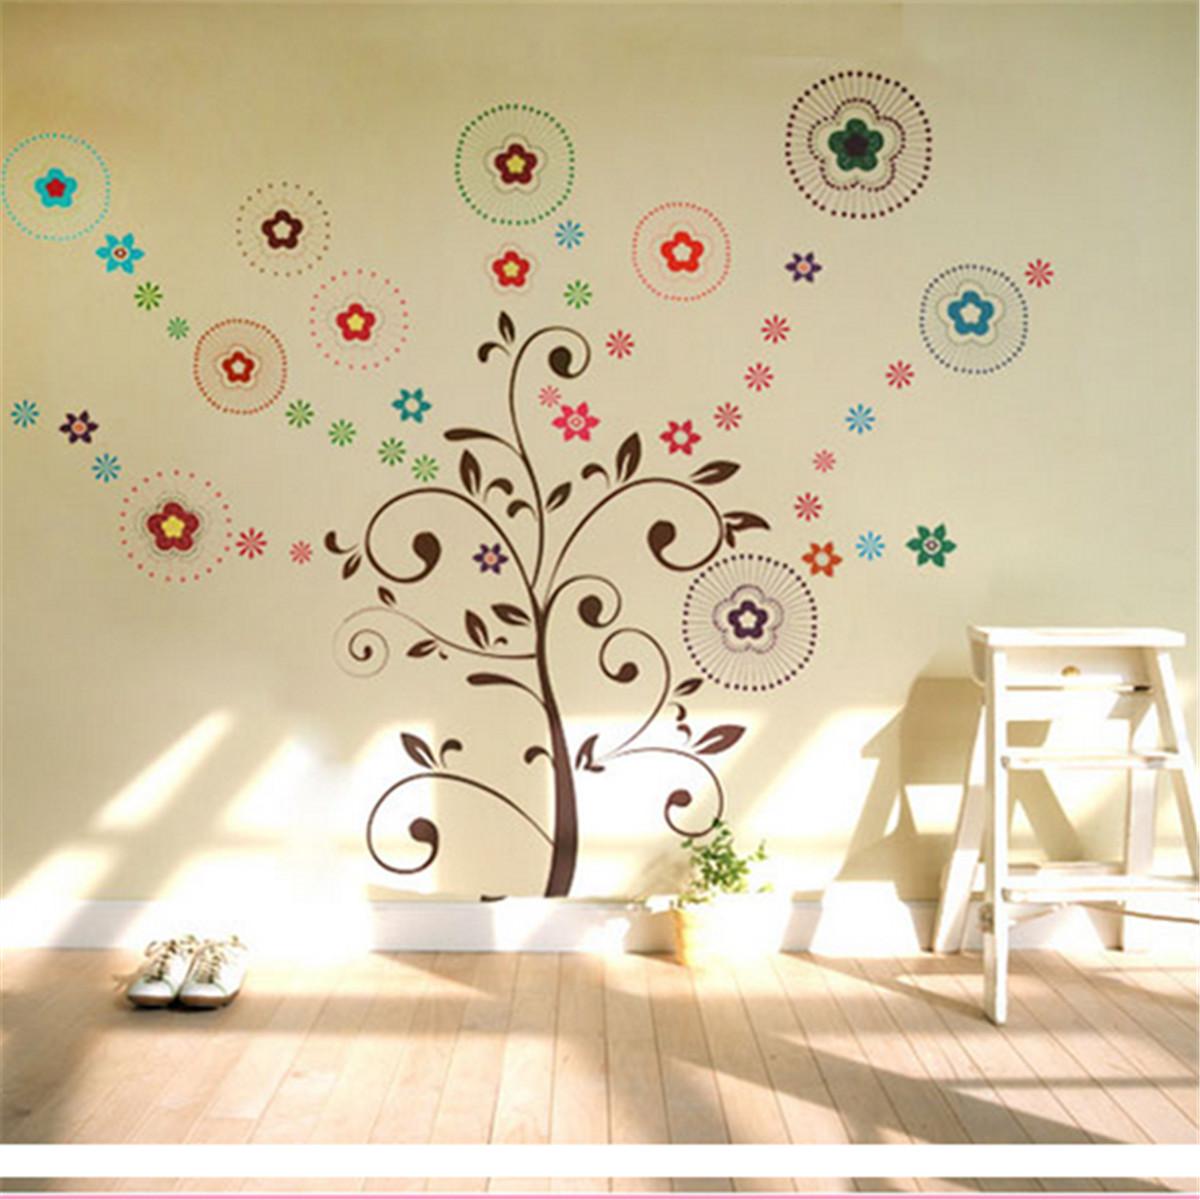 Sticker mural fleur lettre amovible d coration autocollant for Autocollant mural chambre bb